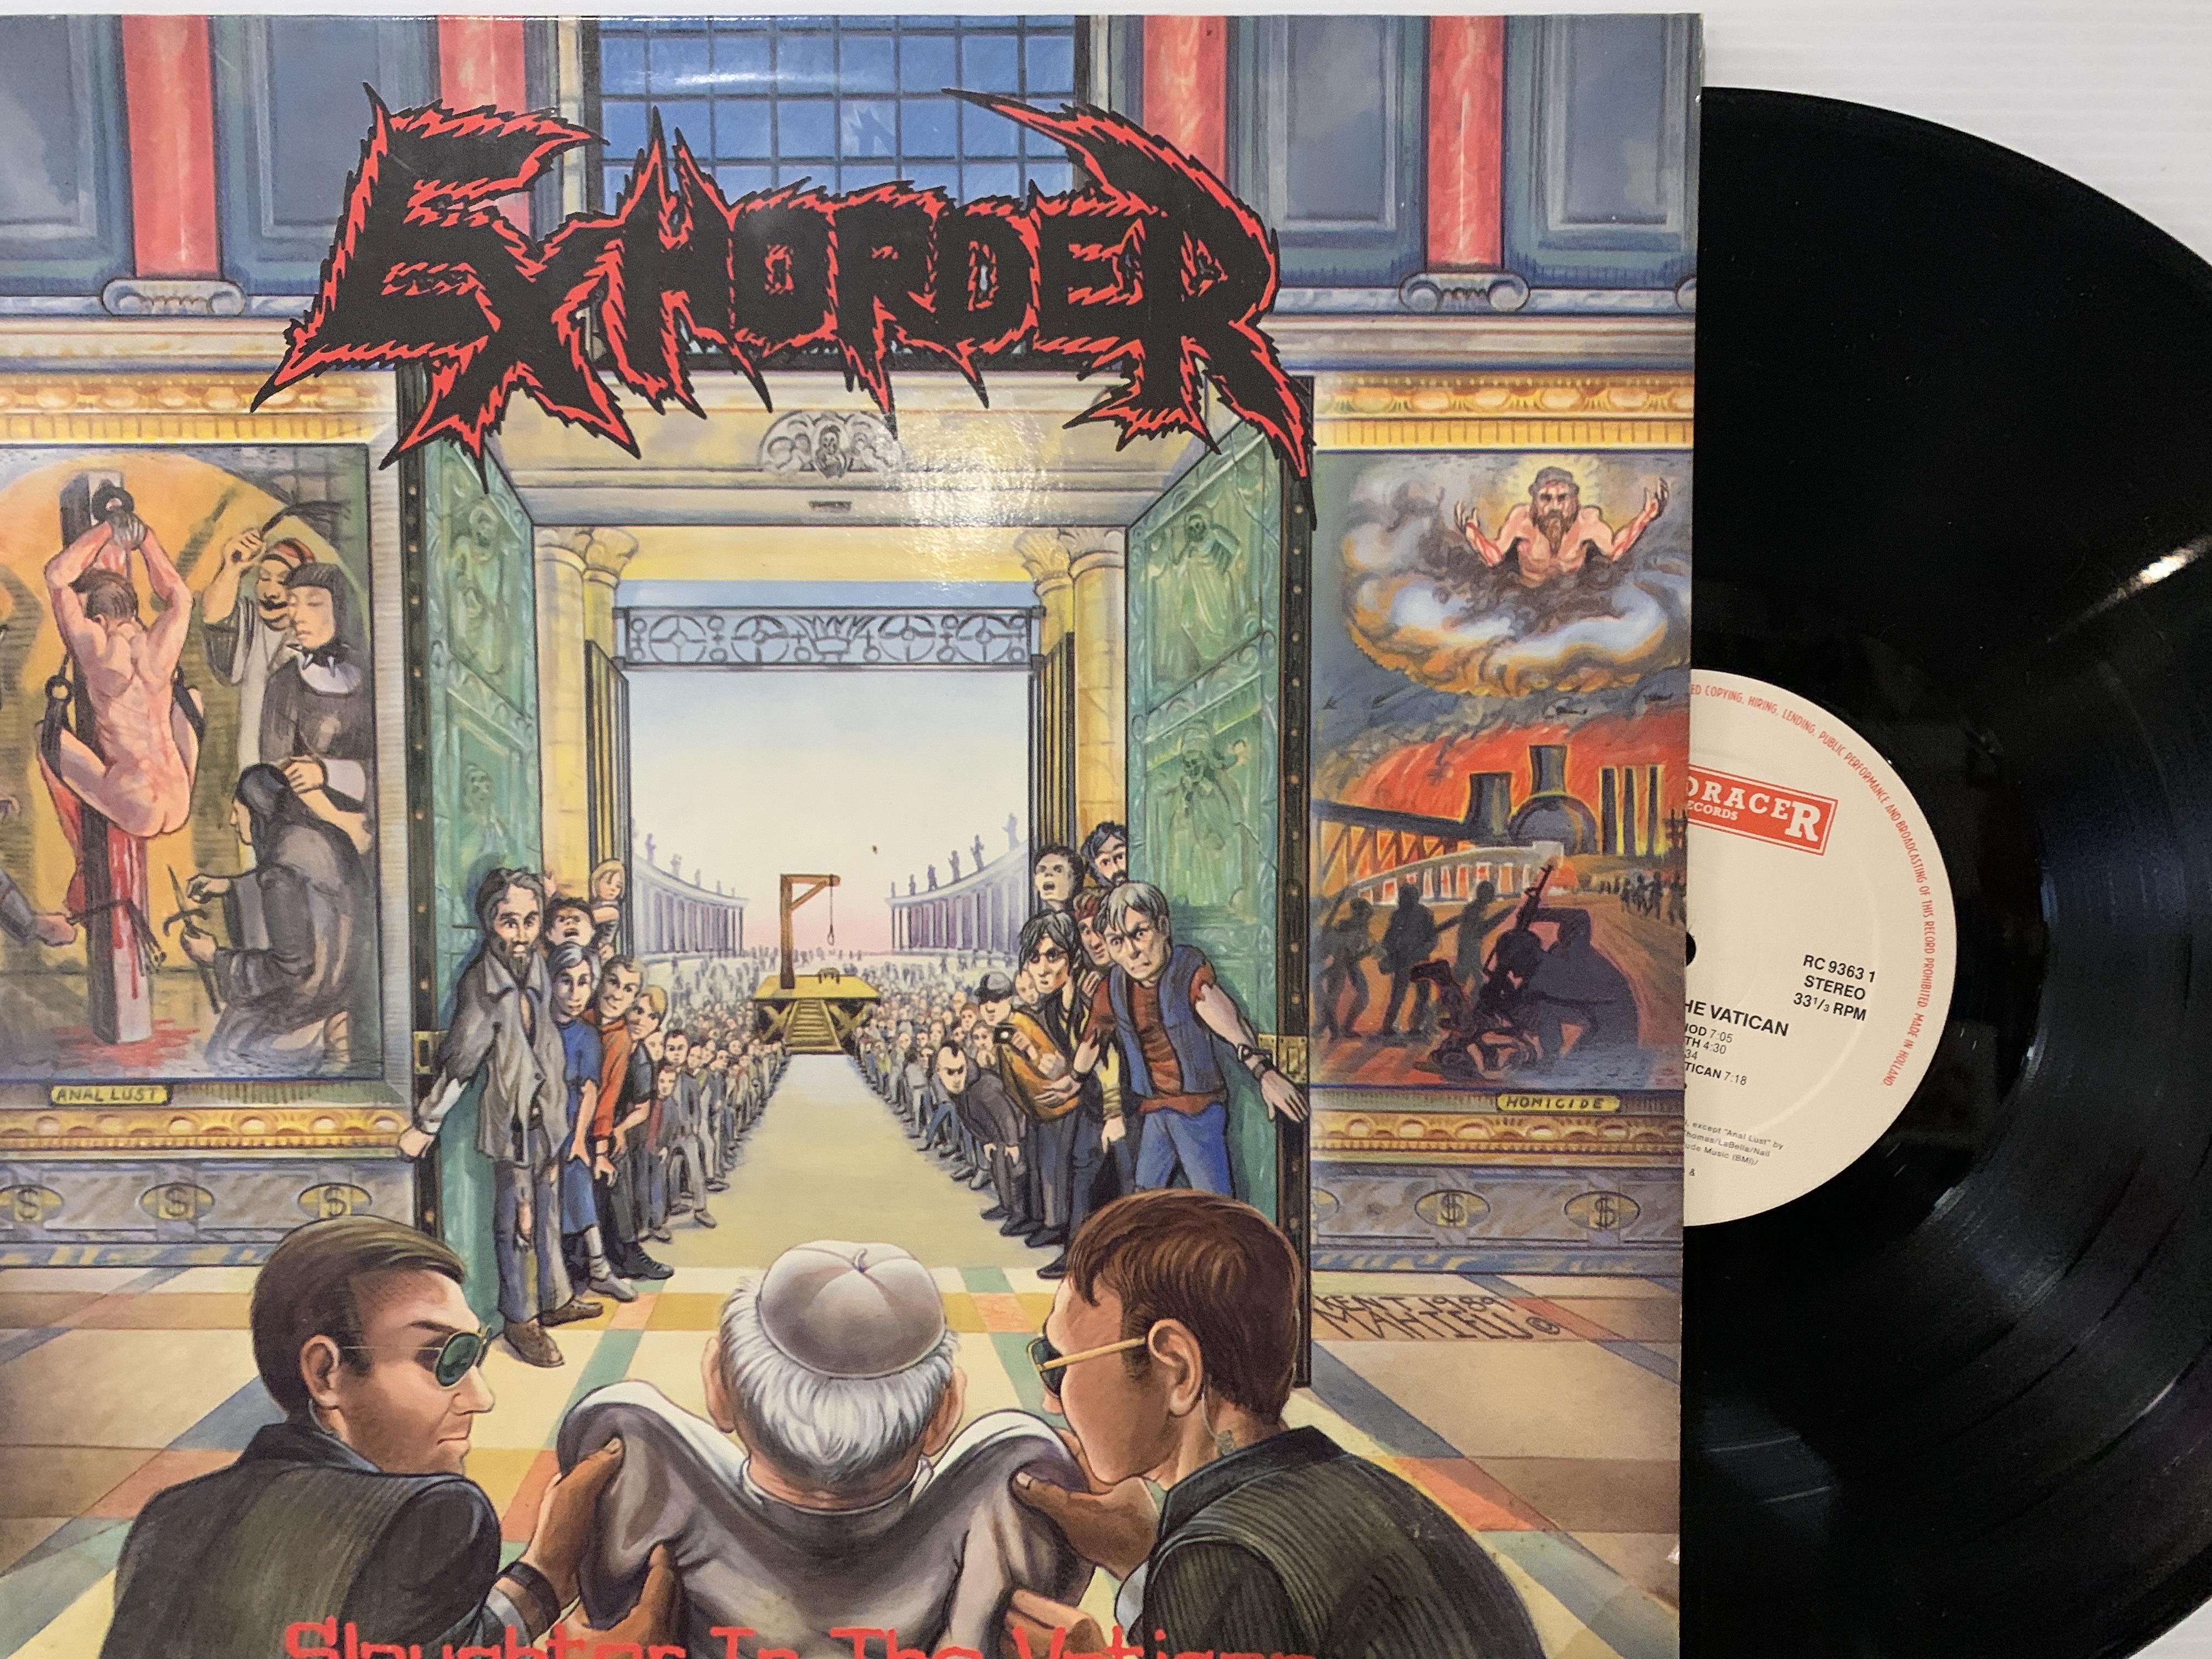 Exhorder-–-Slaughter-In-The-Vatican-LP-1990-Roadracer-RO-9363-1